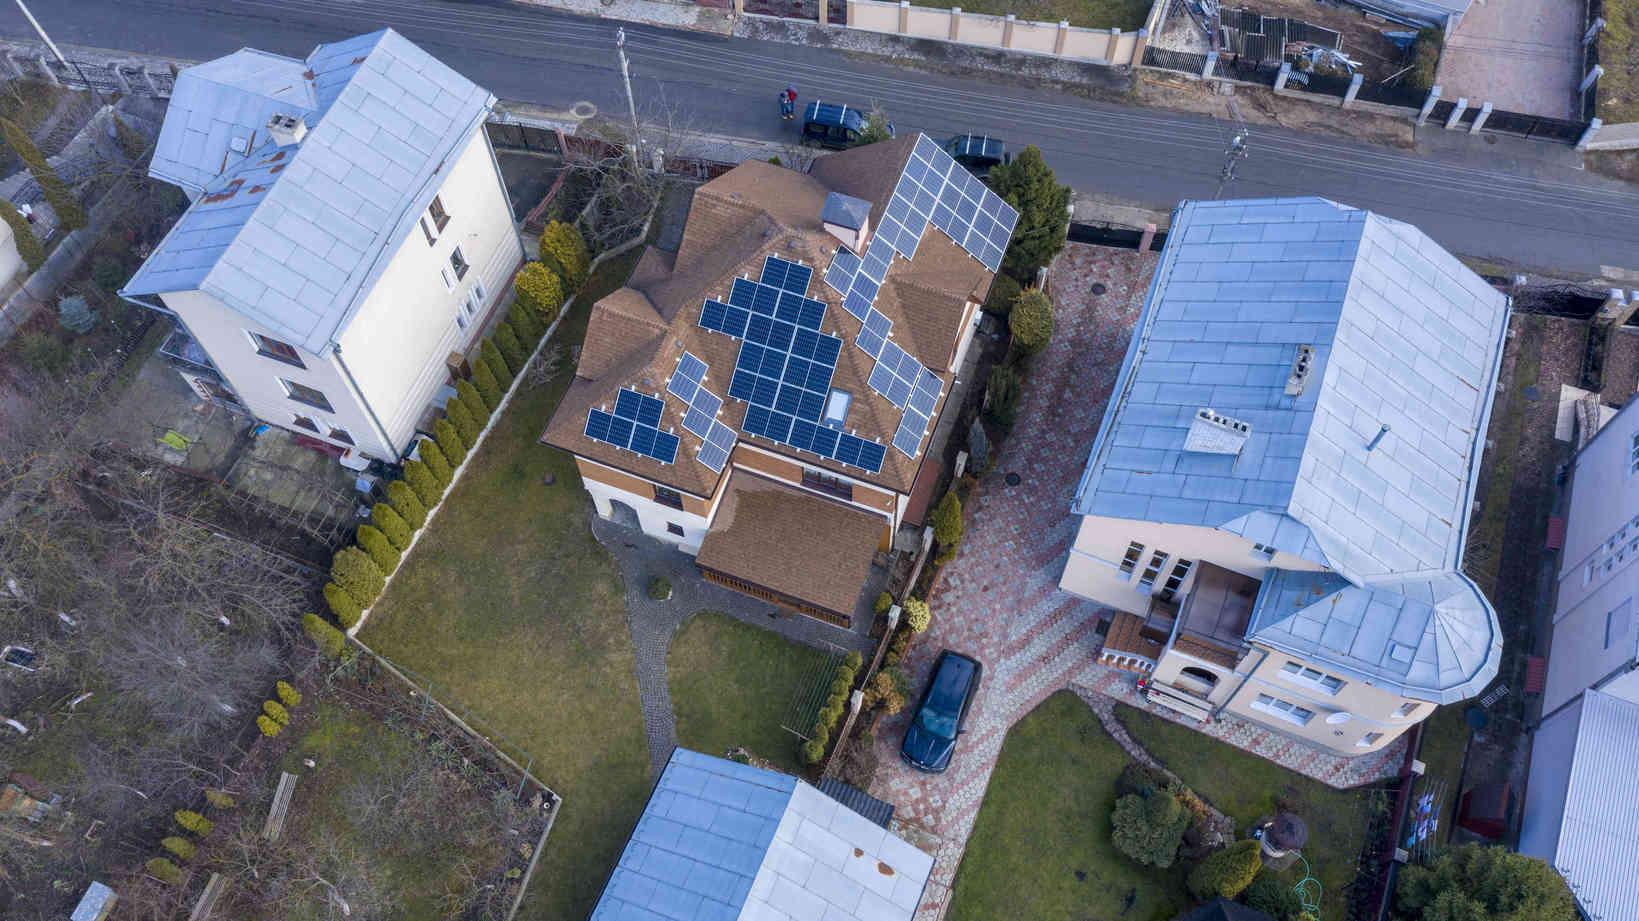 Мережева сонячна електростанція (СЕС) потужністю 25,29 кВт – Фотозвіт #3